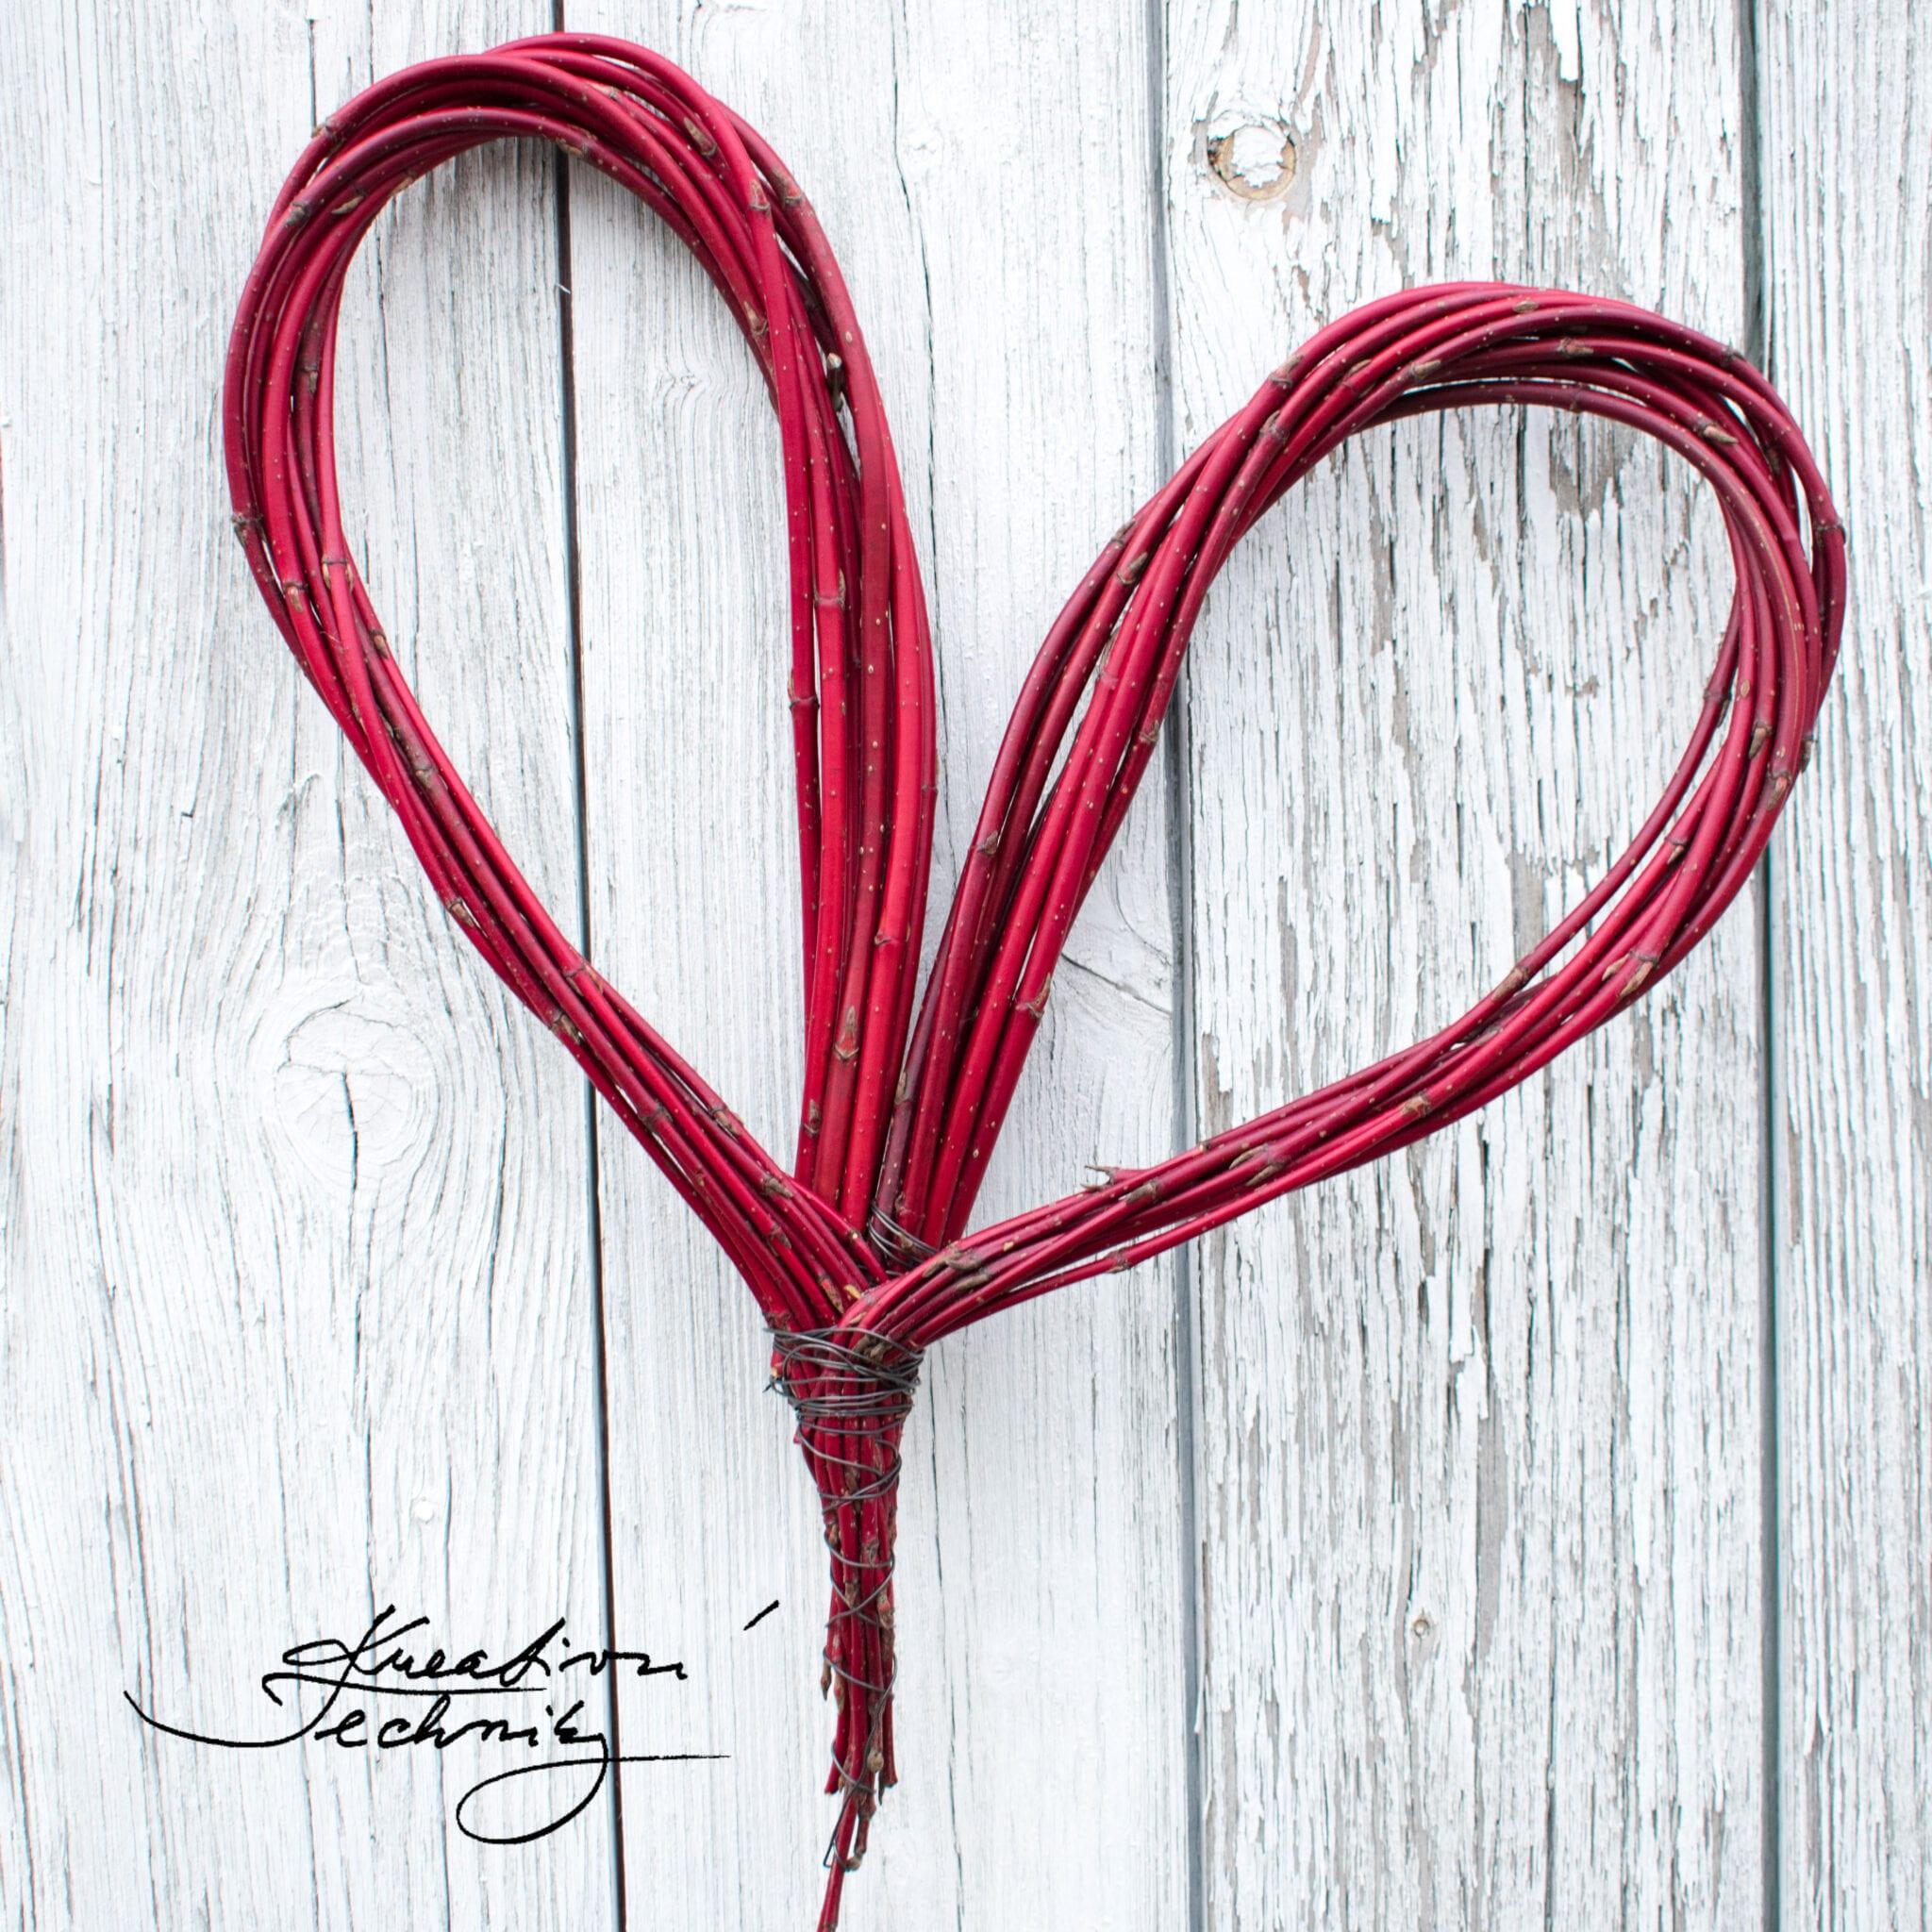 Věneček. Věnec na dveře. Jarní dekorace. Jarní věnec. Srdce. Věnec ve tvaru srdce. Jarní dekorace inspirace. Výroba dekorace. DIY návody, nápady, inspirace na tvoření. Výroba jarní dekorace. Jarní dekorace do bytu.